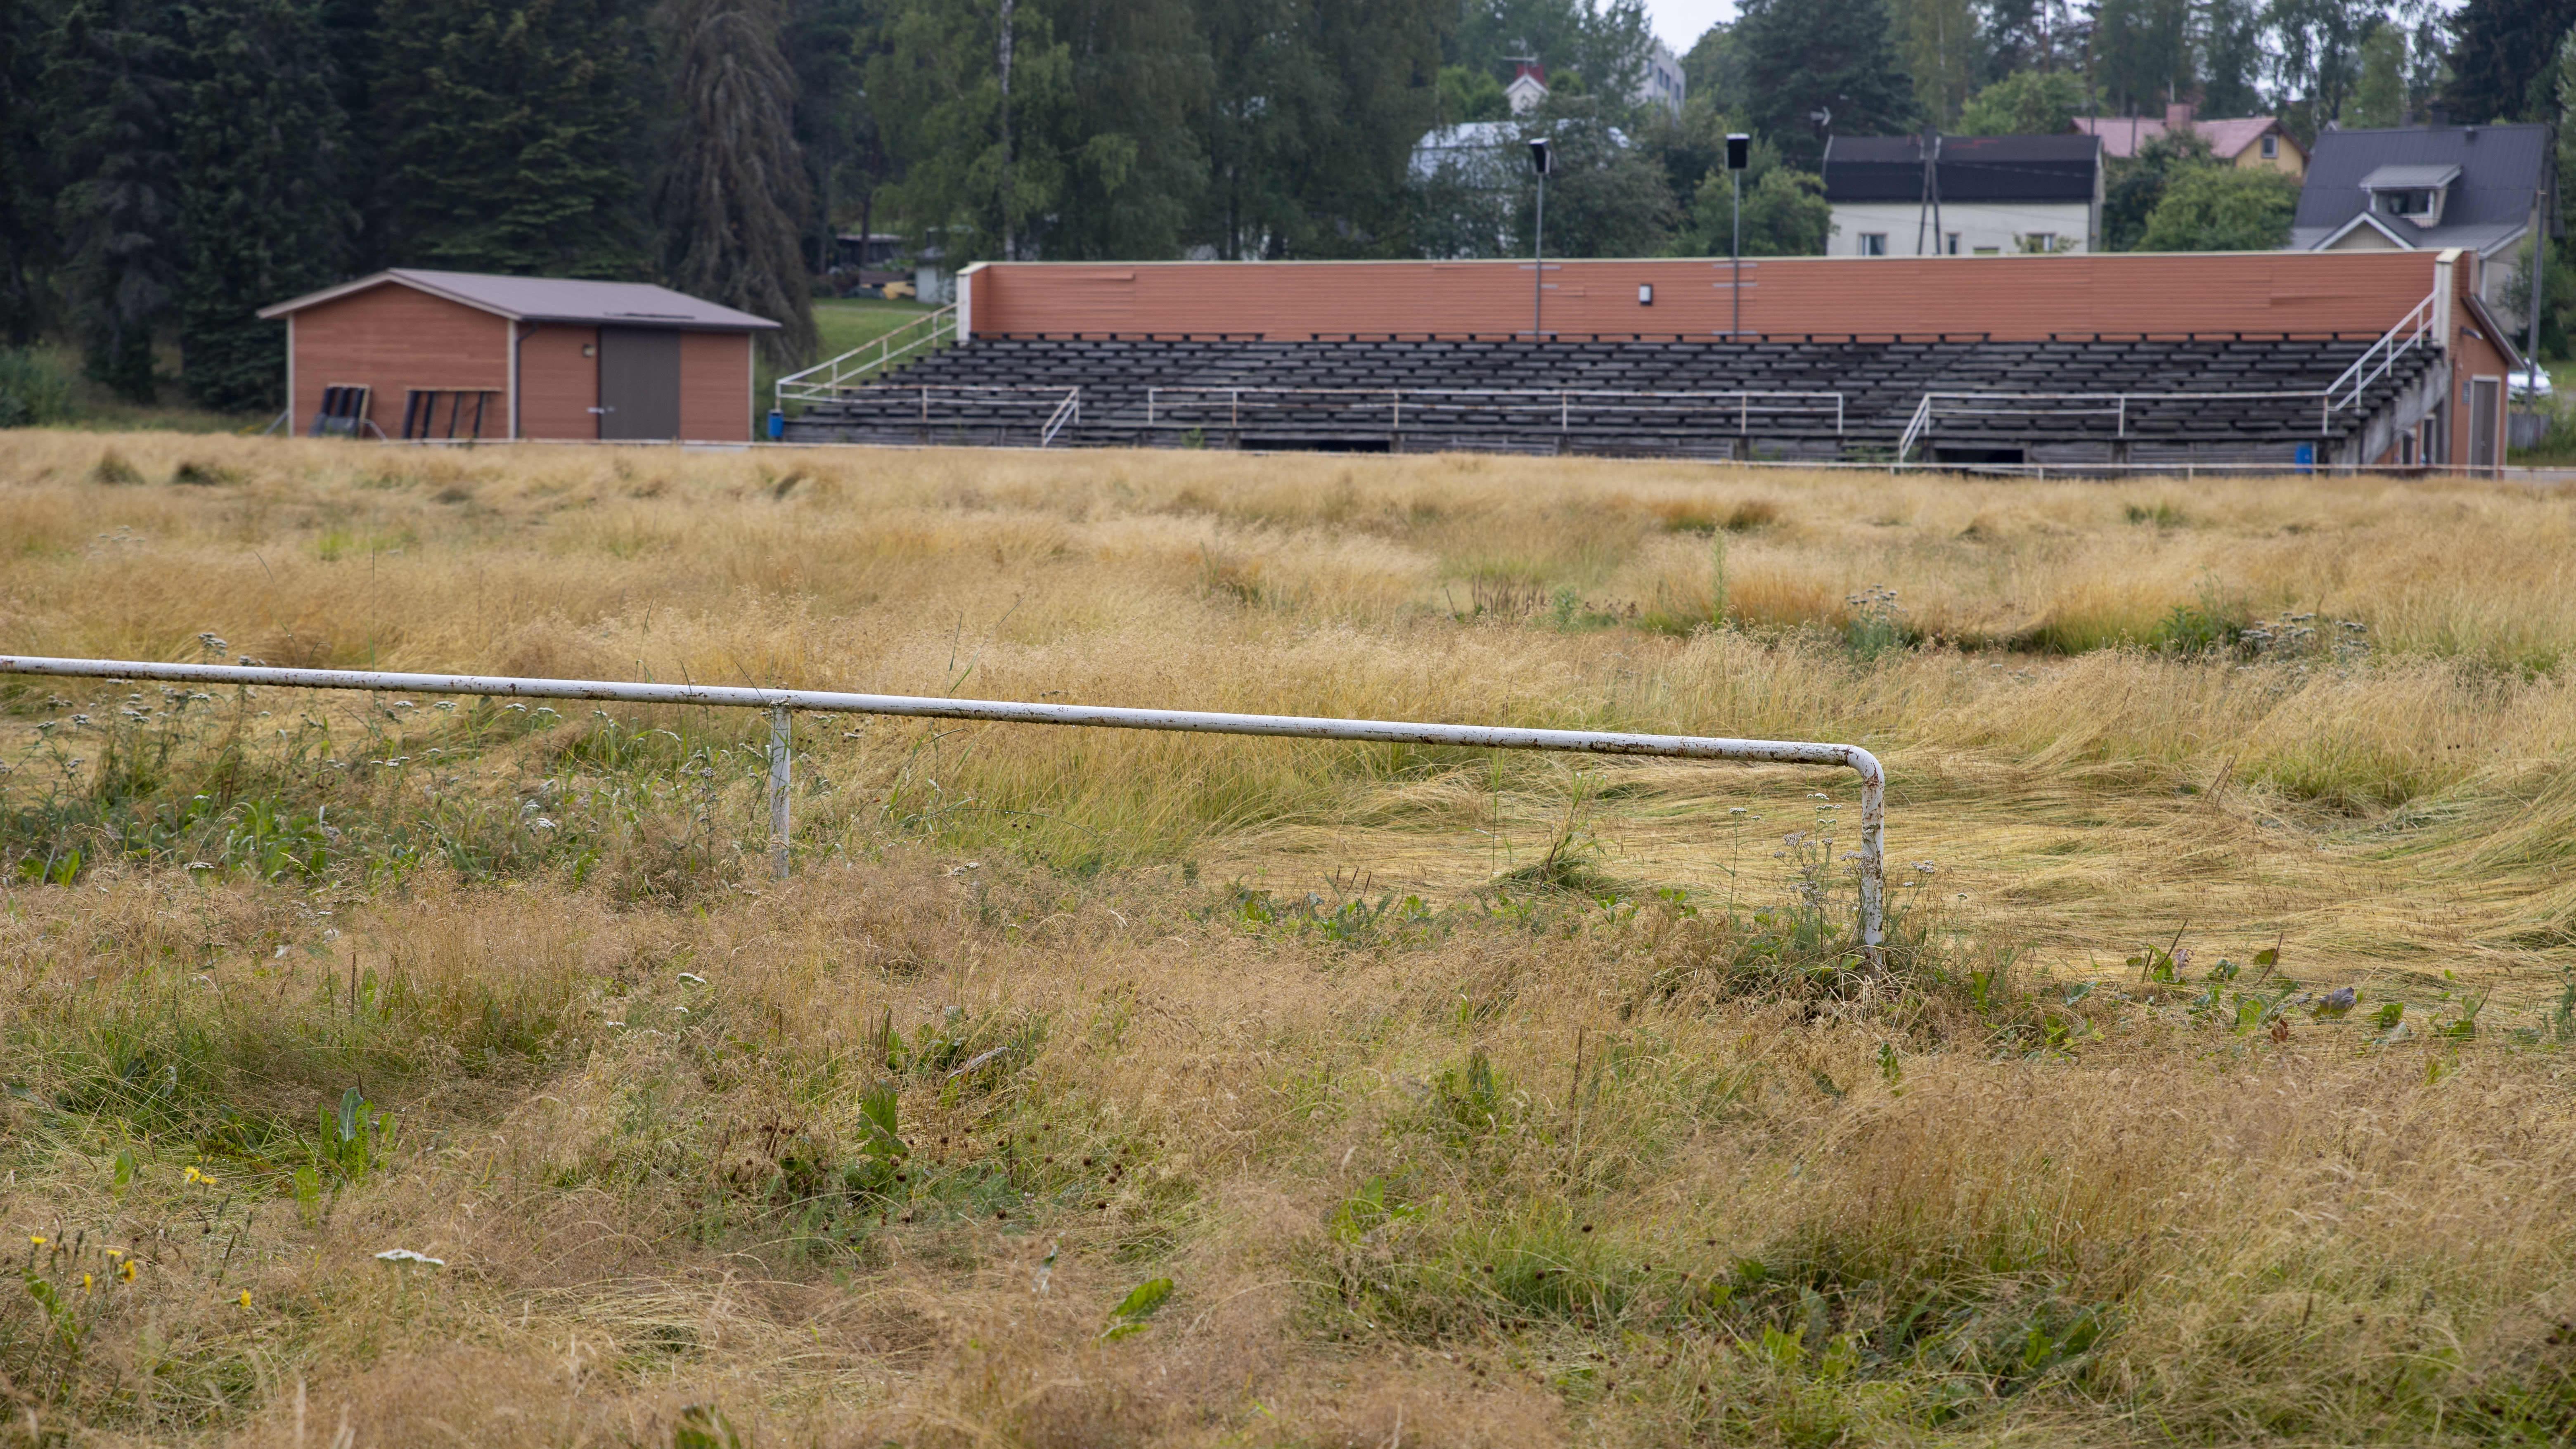 Voikkaan pallokentällä kasvaa heinää, taustalla näkyy huoltorakennus